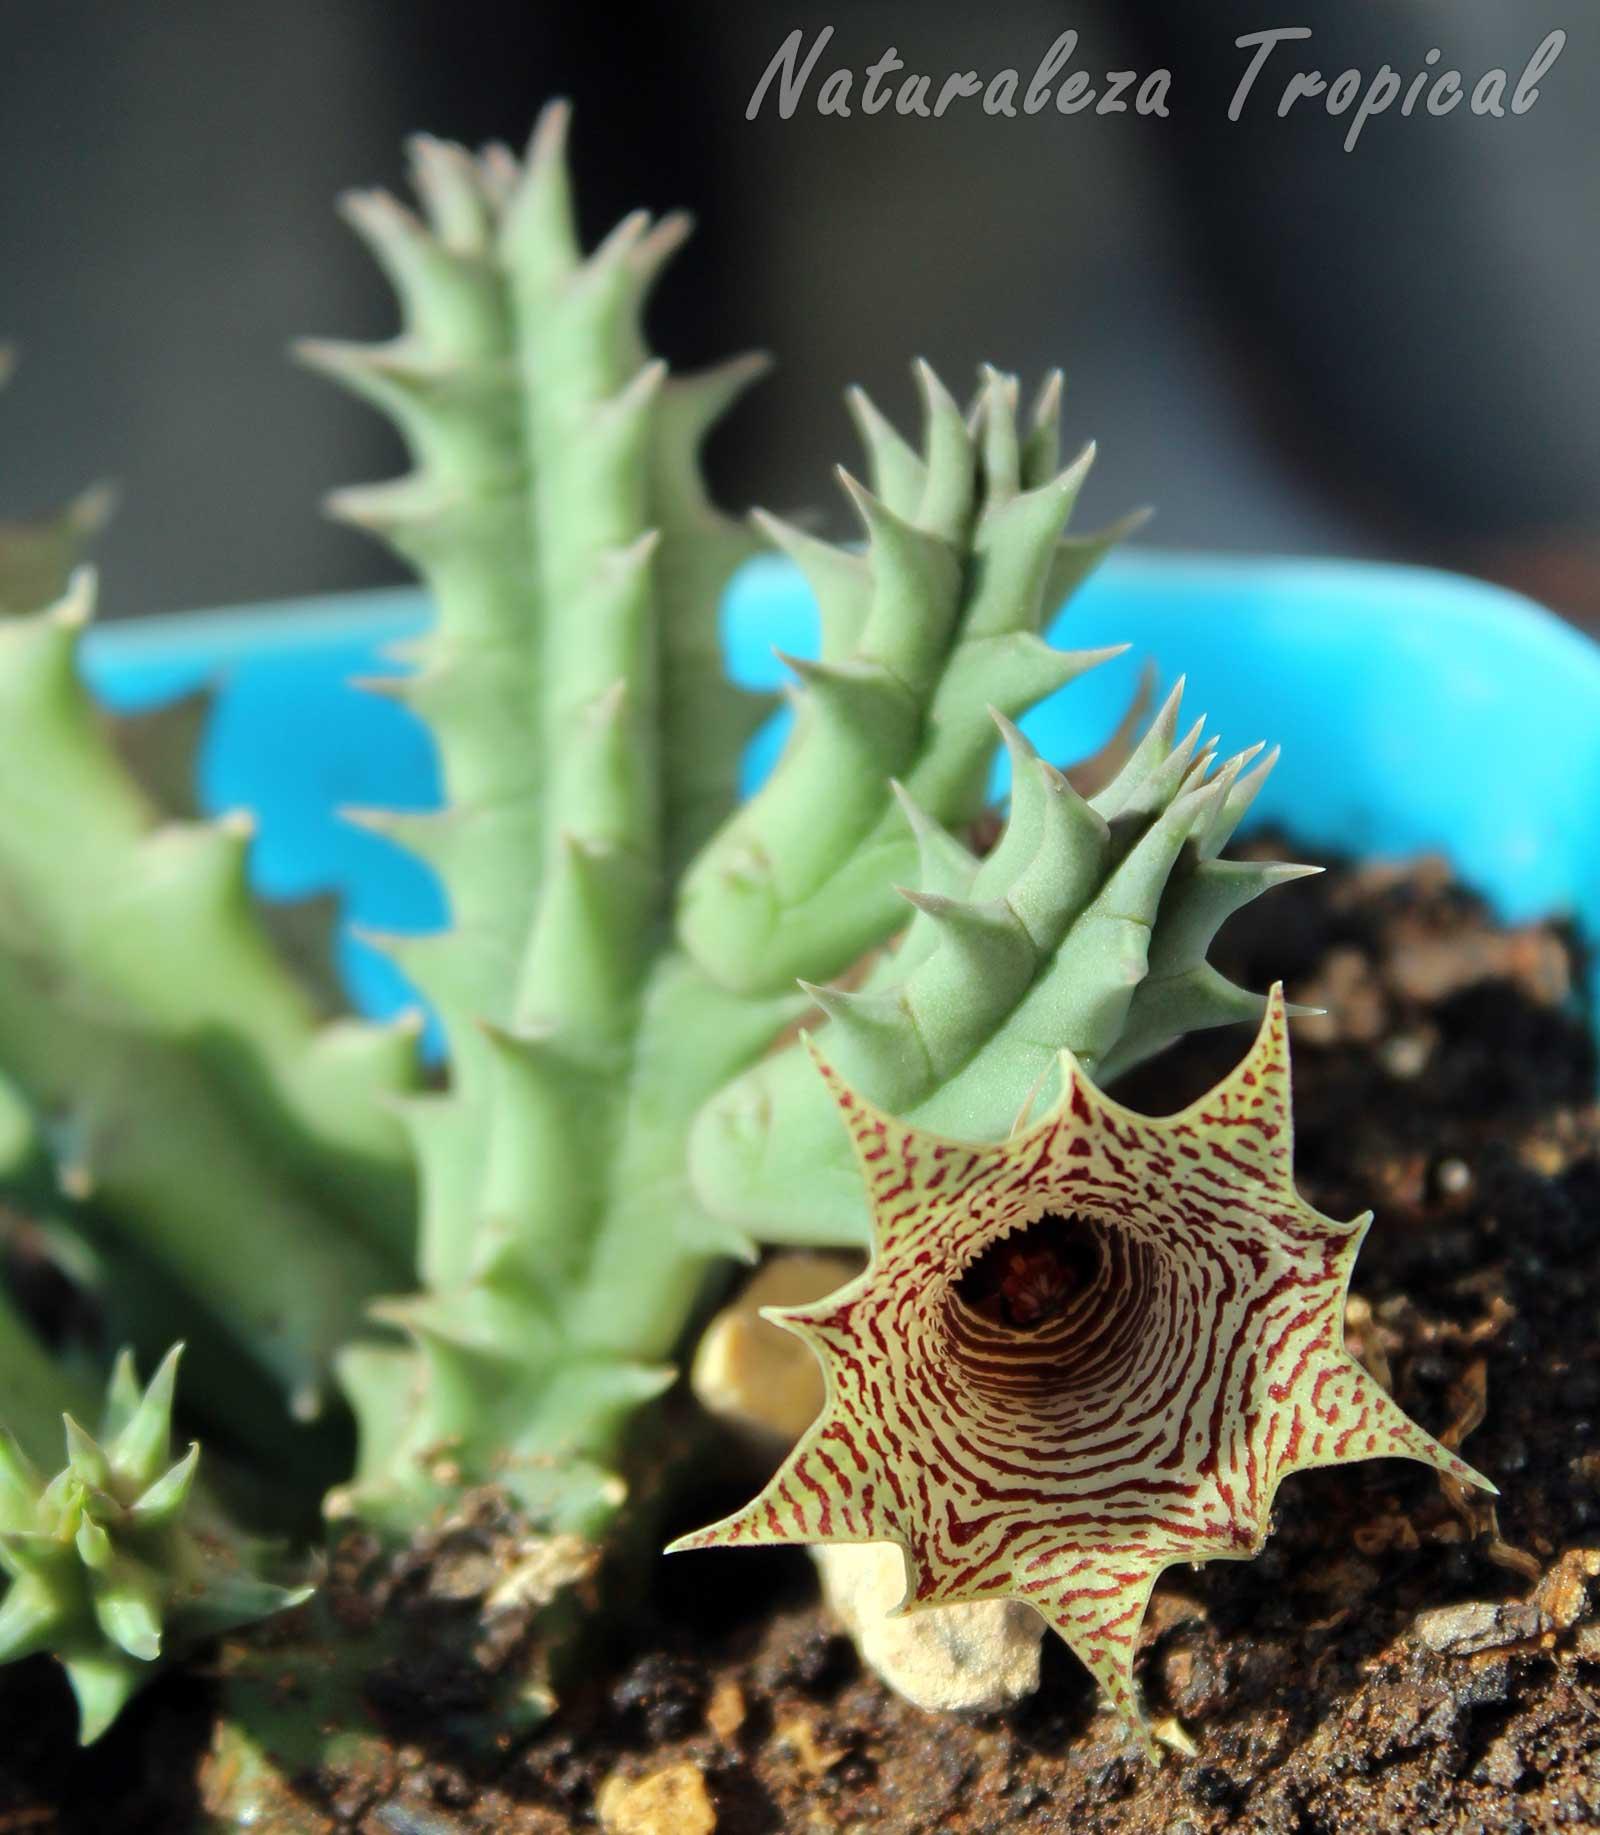 Vista de la flor y tallos del híbrido cubano del género Huernia (otro ángulo)